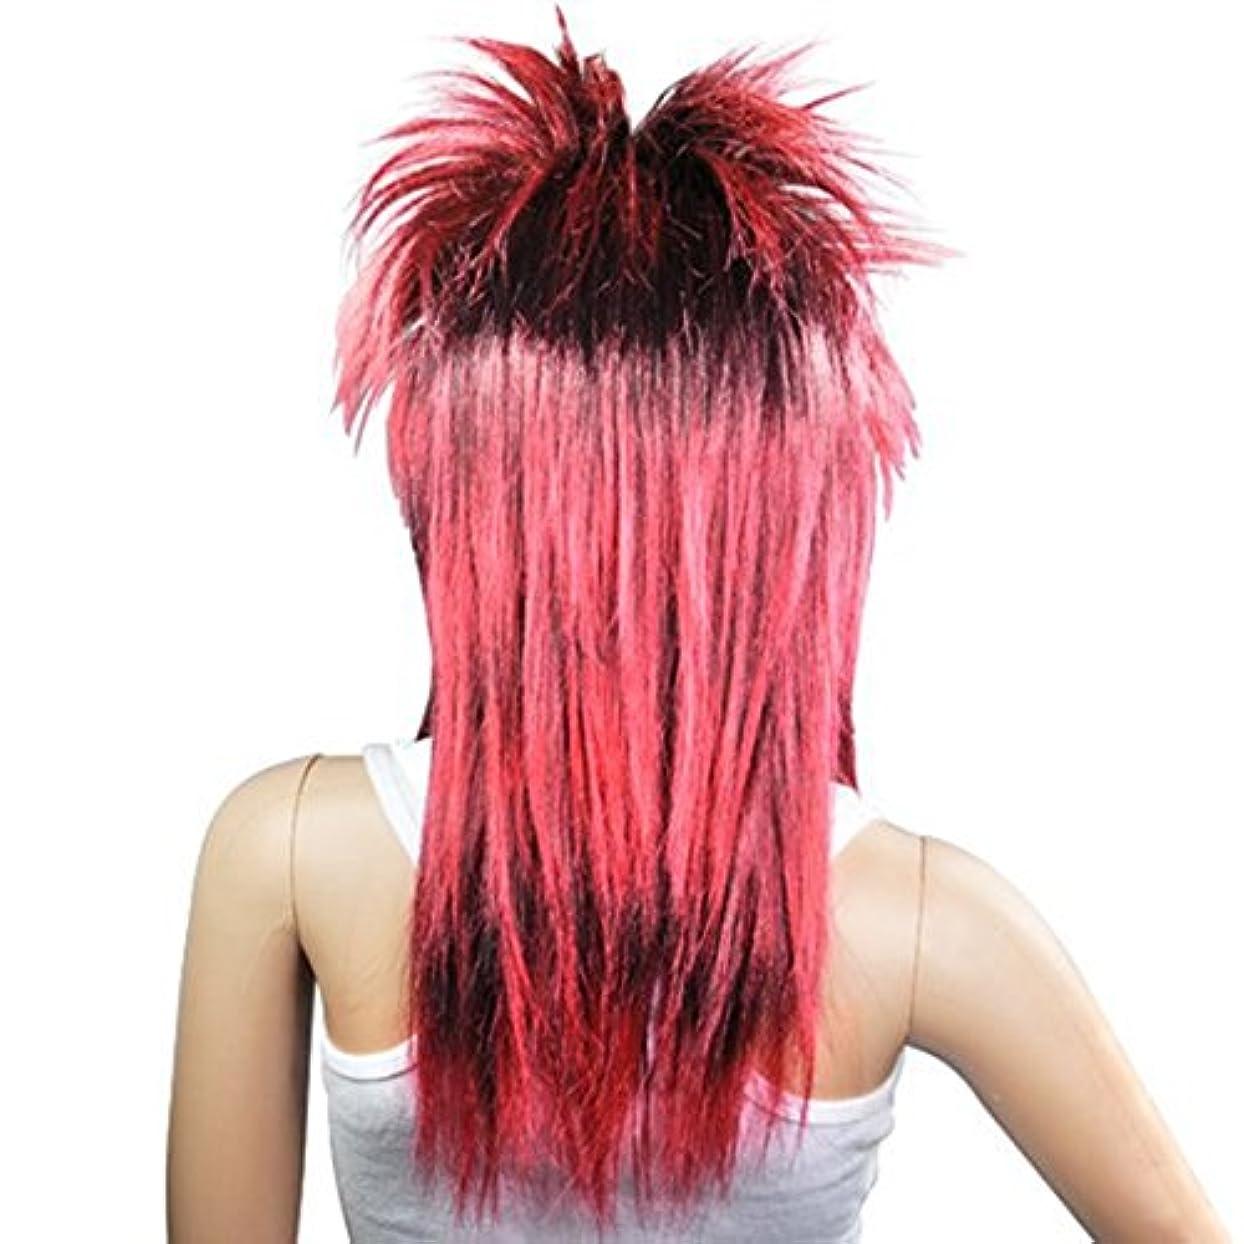 記憶に残る出発する石Cikuso 赤黒 女性の魅力的なパンクロッカーチックティナ?ターナーカーニバルかつら仮装コスチューム